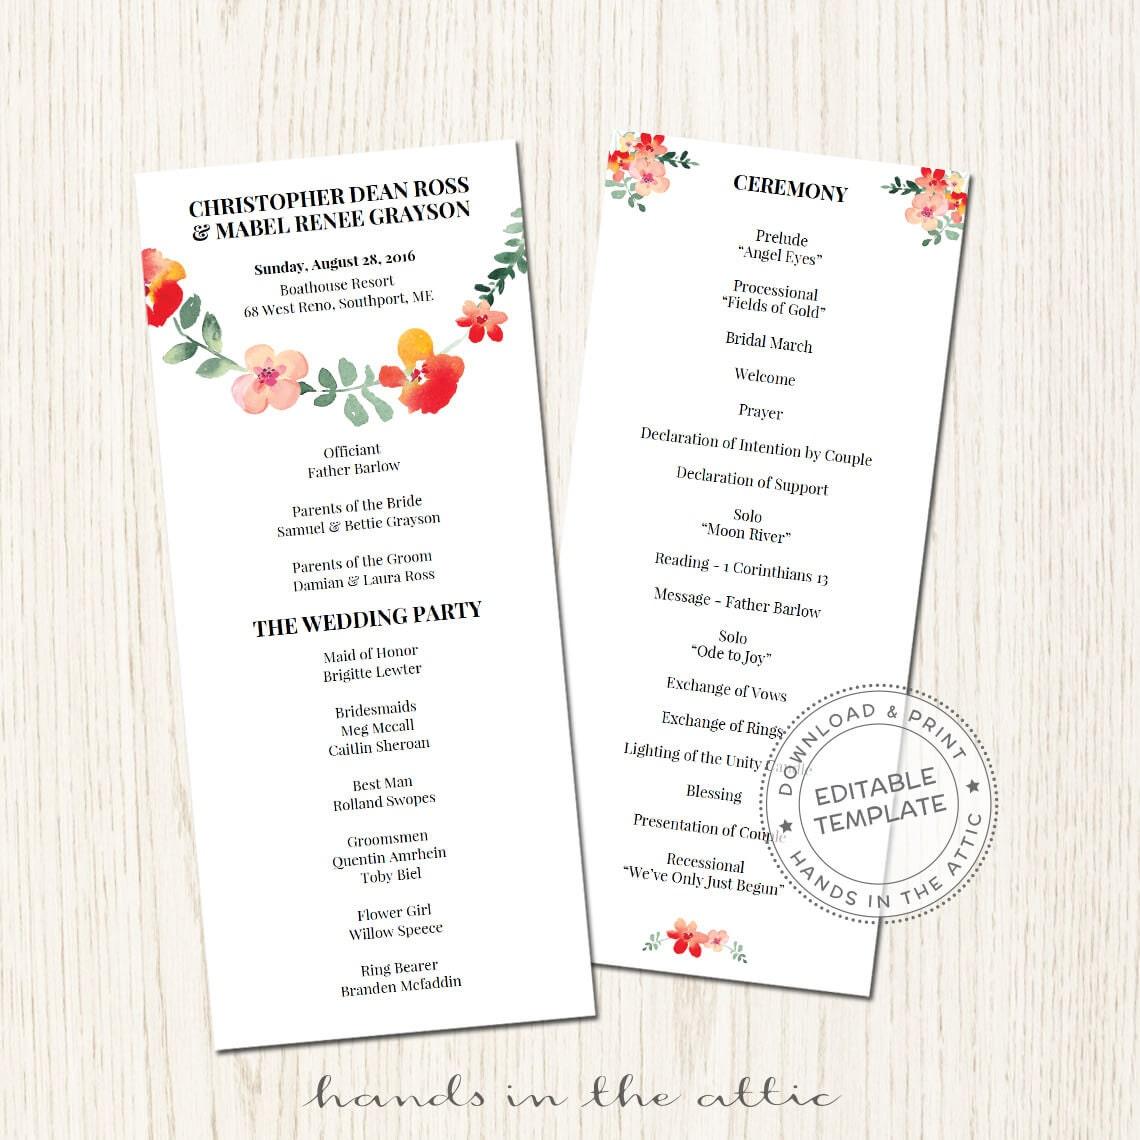 floral wedding program template download wedding ceremony. Black Bedroom Furniture Sets. Home Design Ideas